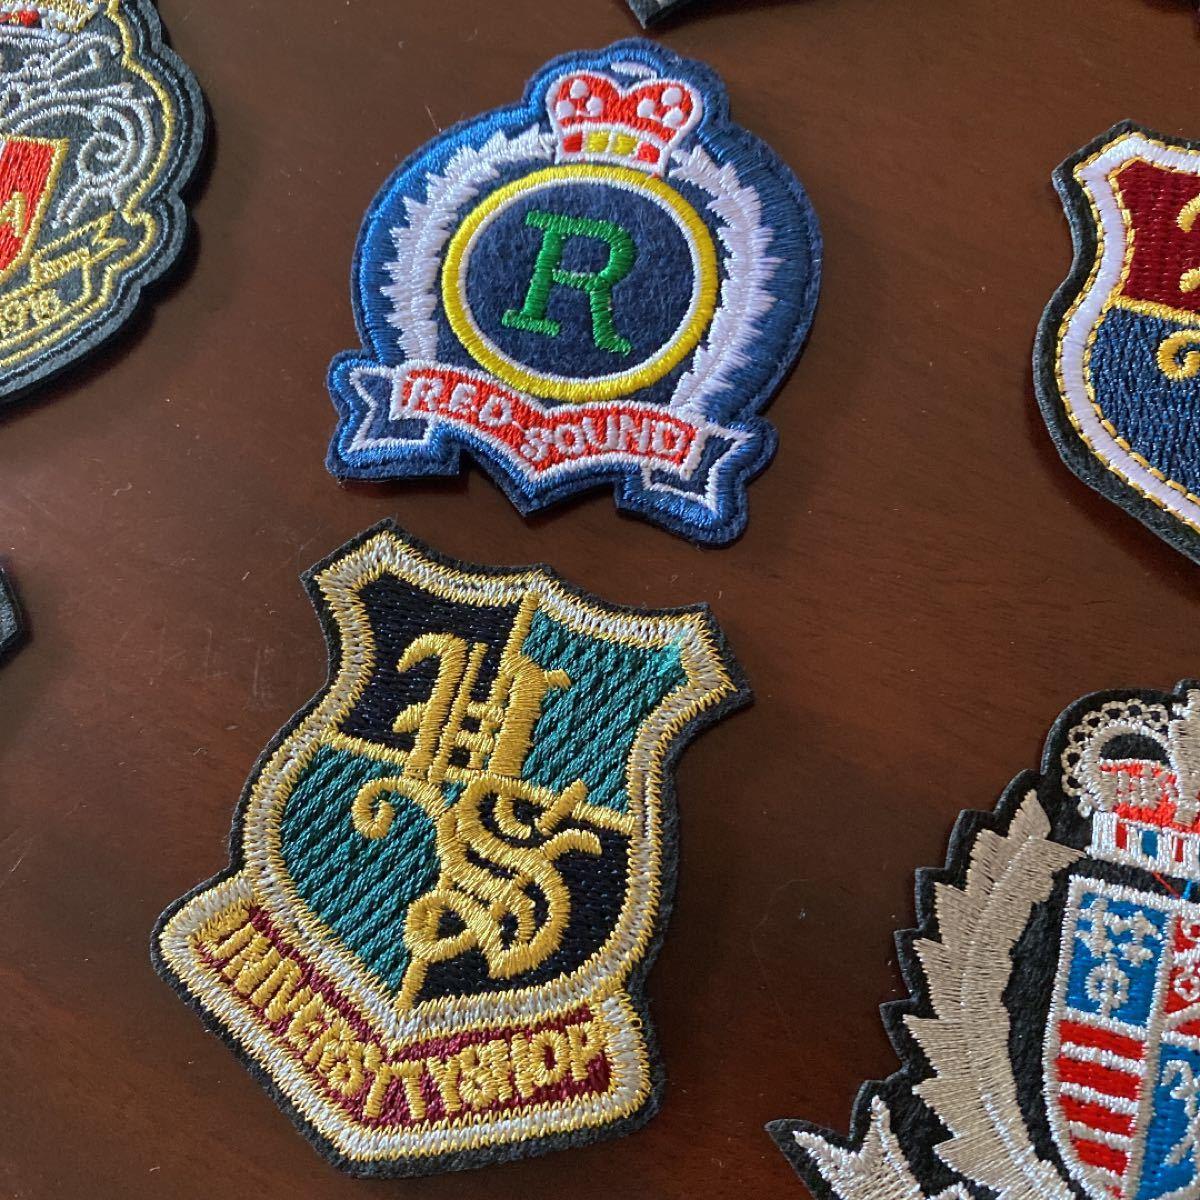 アイロンワッペン 刺繍ワッペン 15枚セット航空自衛隊 飛行隊 米軍 WAPPEN